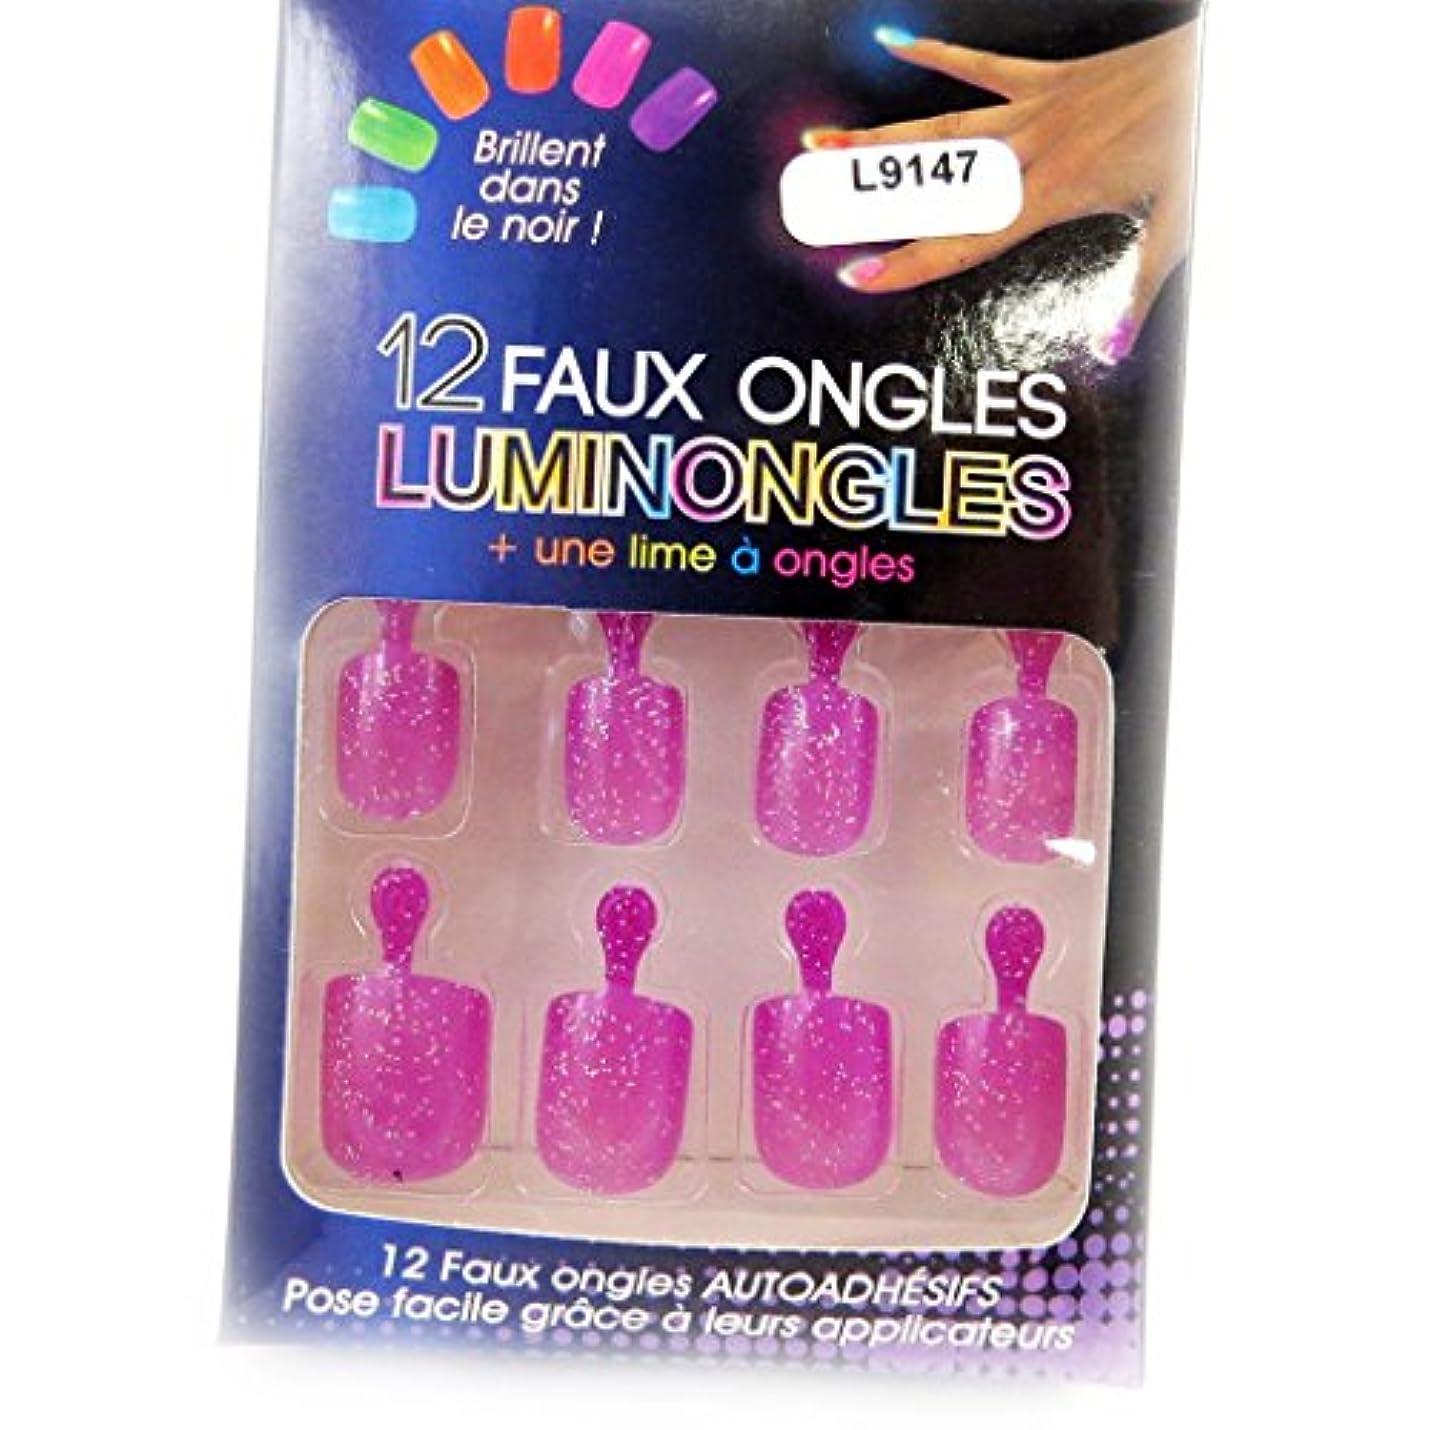 不器用とにかくトラクター[リリーの宝 (Les Tresors De Lily)] (Luminongles コレクション) [L9147] アクリルスカルプチュア ピンク